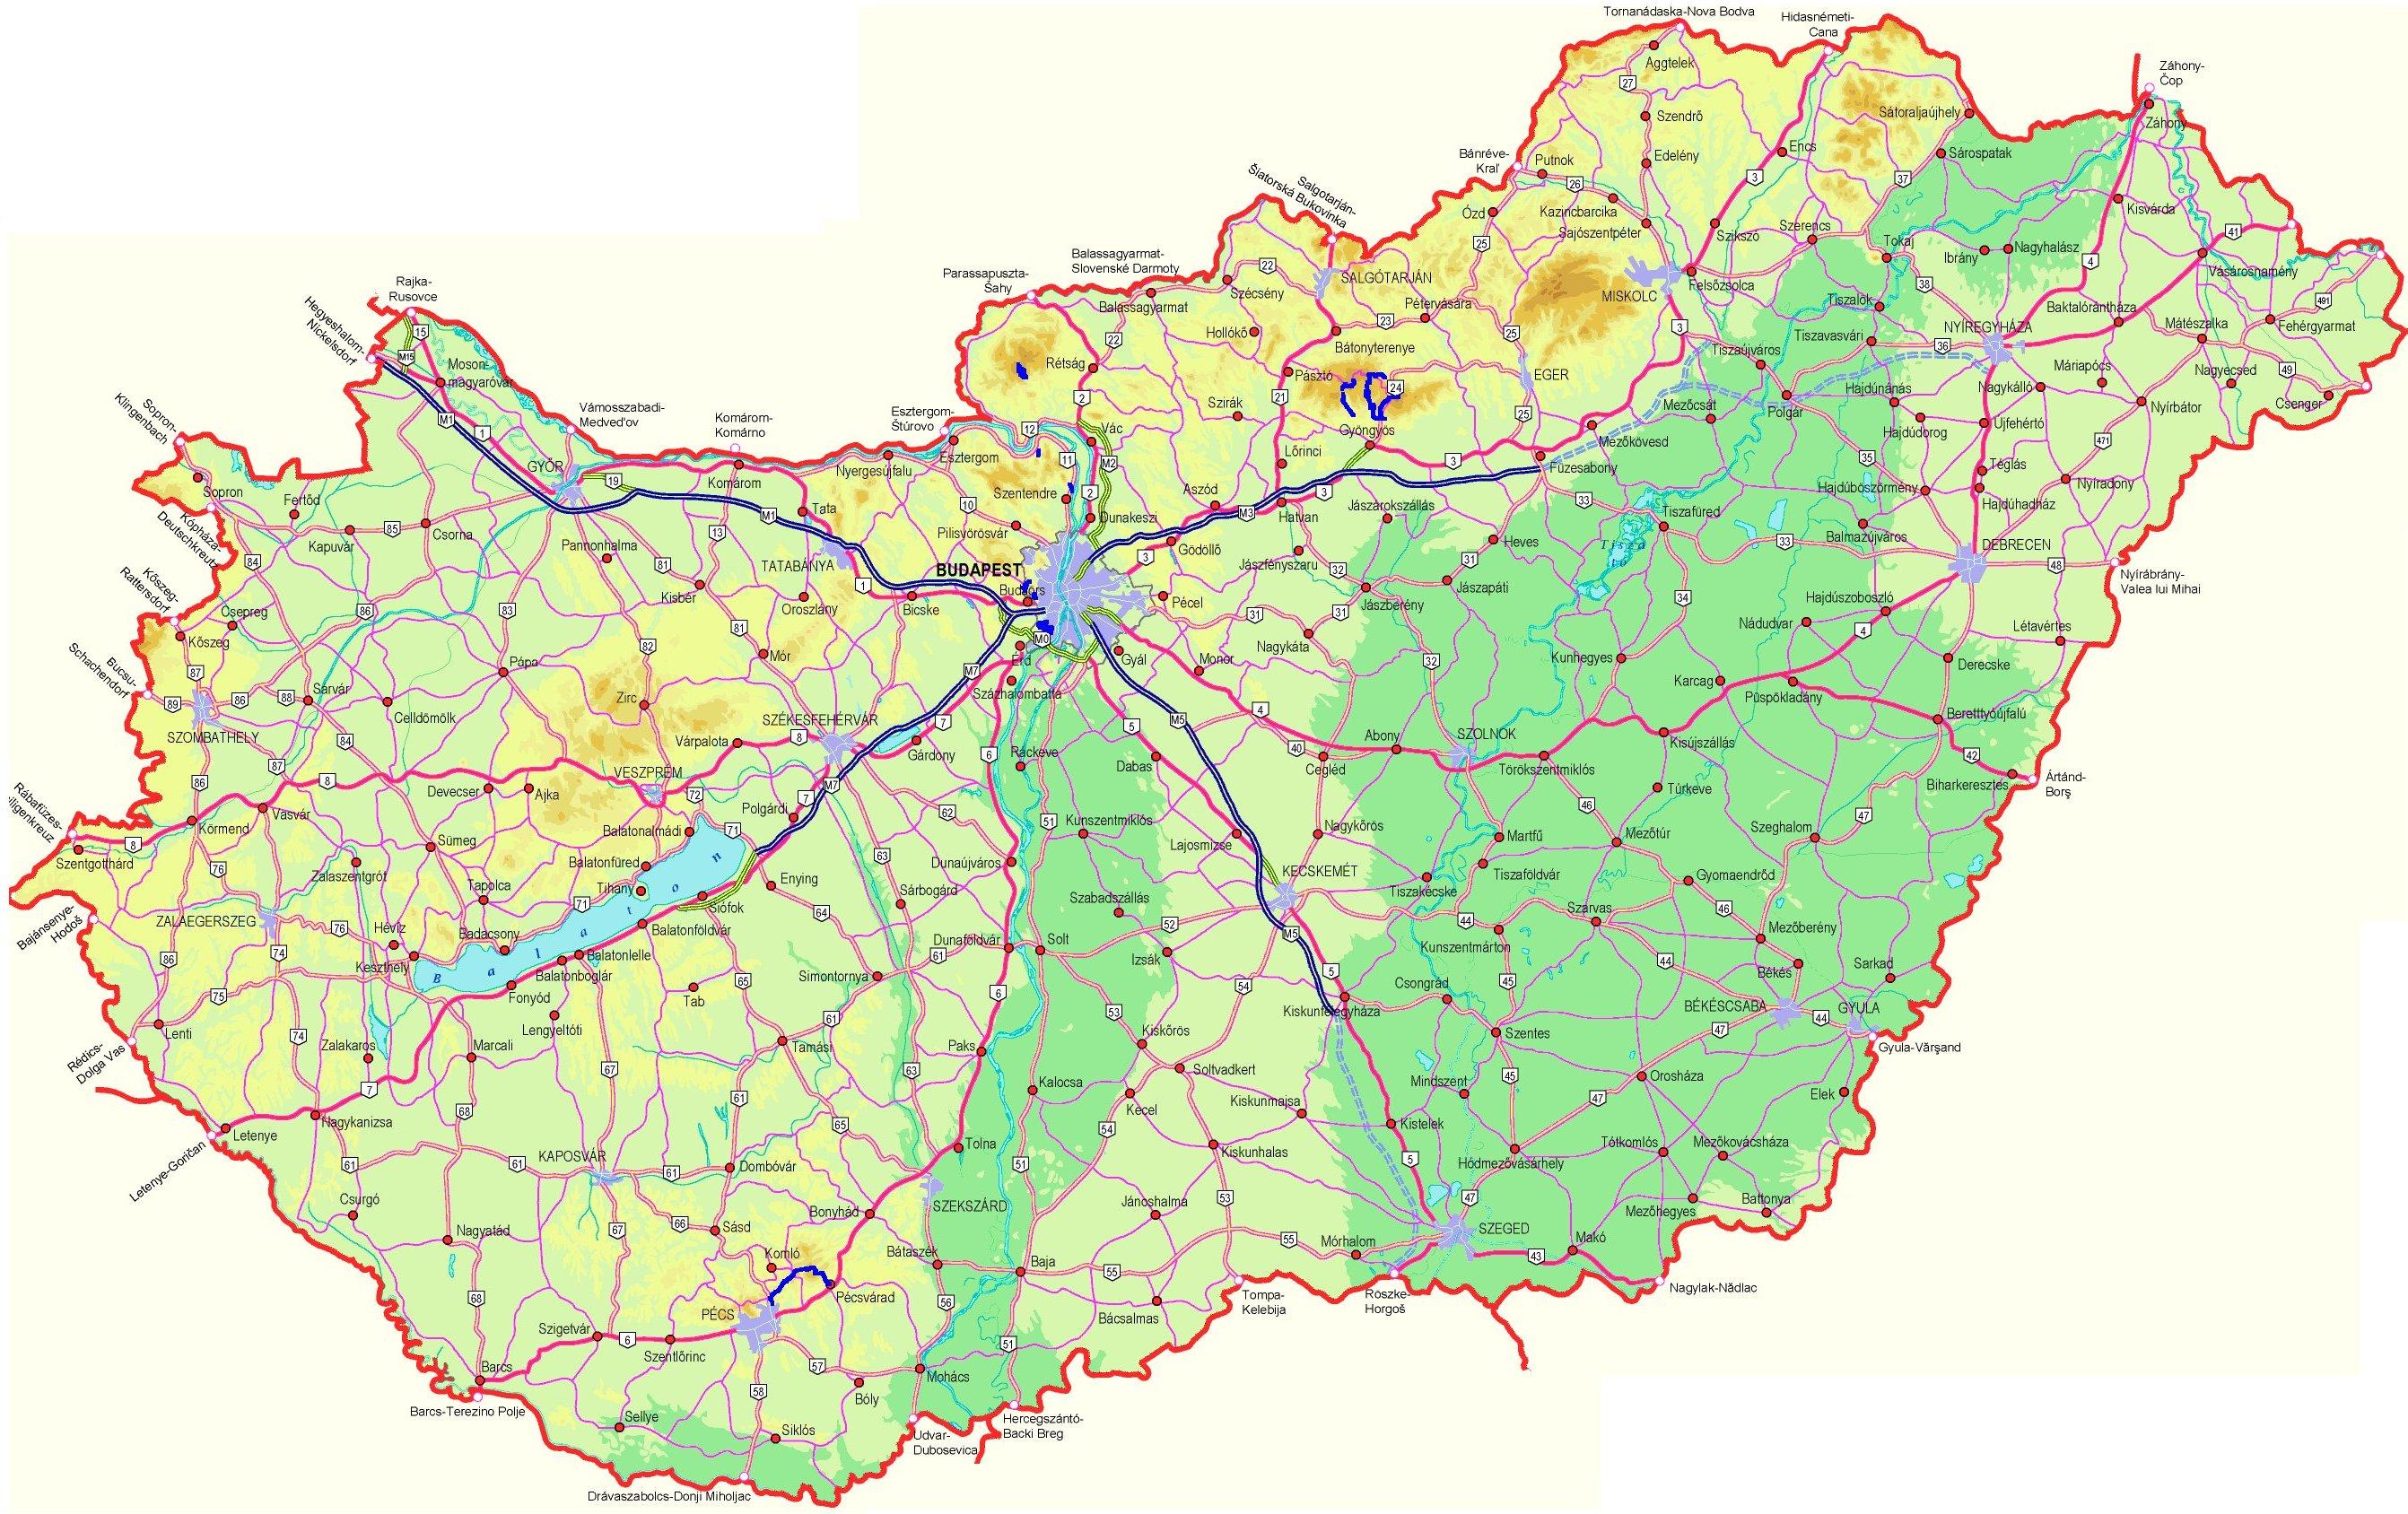 magyarország térkép m6 Építéstörté  m60.hu magyarország térkép m6